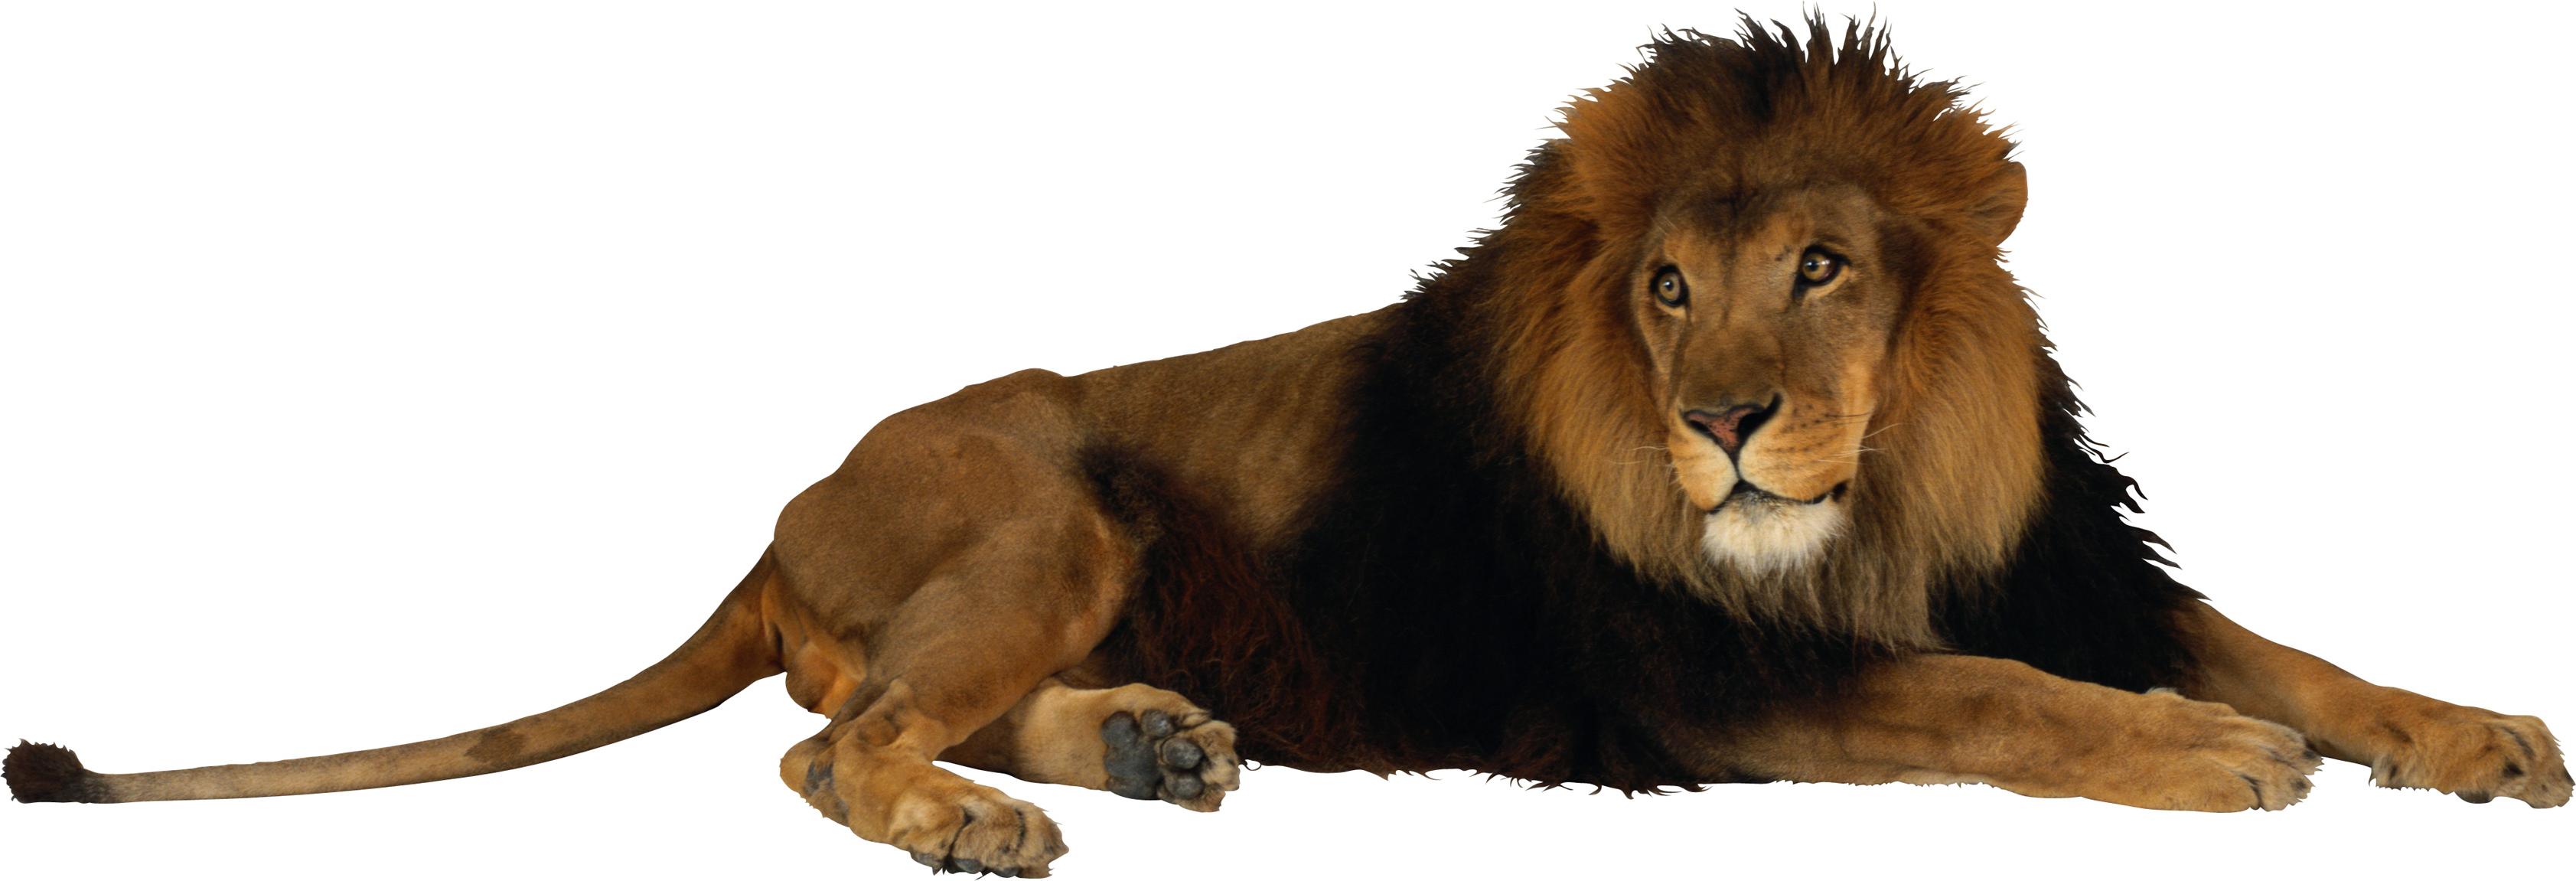 . PlusPng.com Lion PNG images